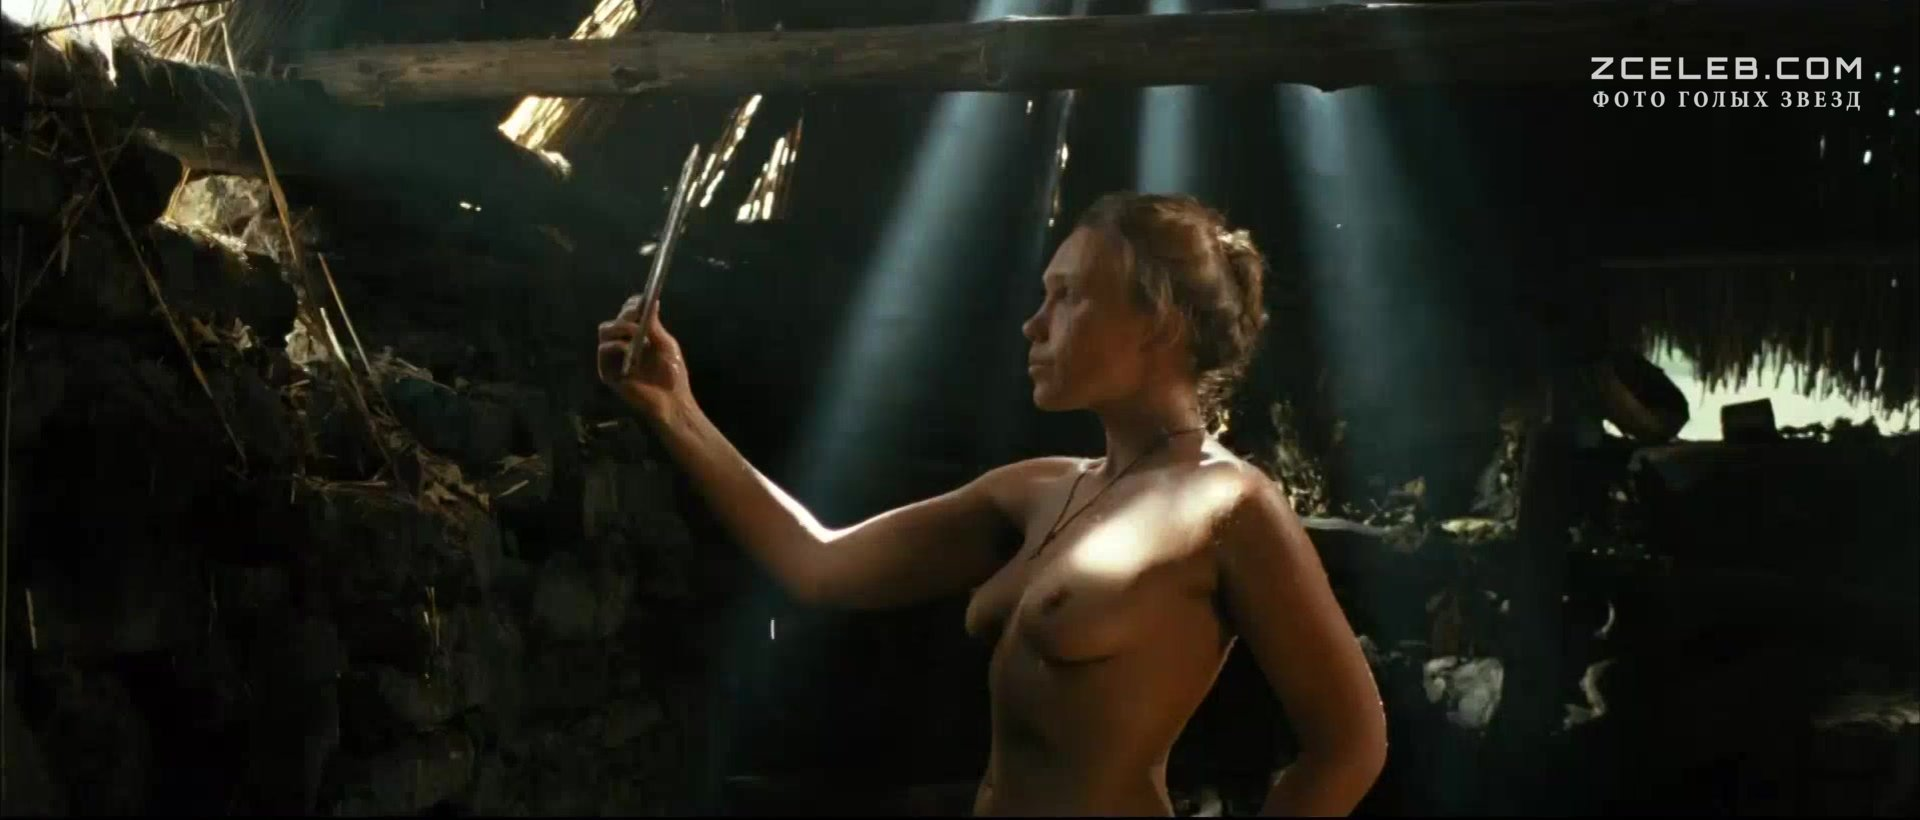 русский фильм где женщина оголяется за золотую цепочку